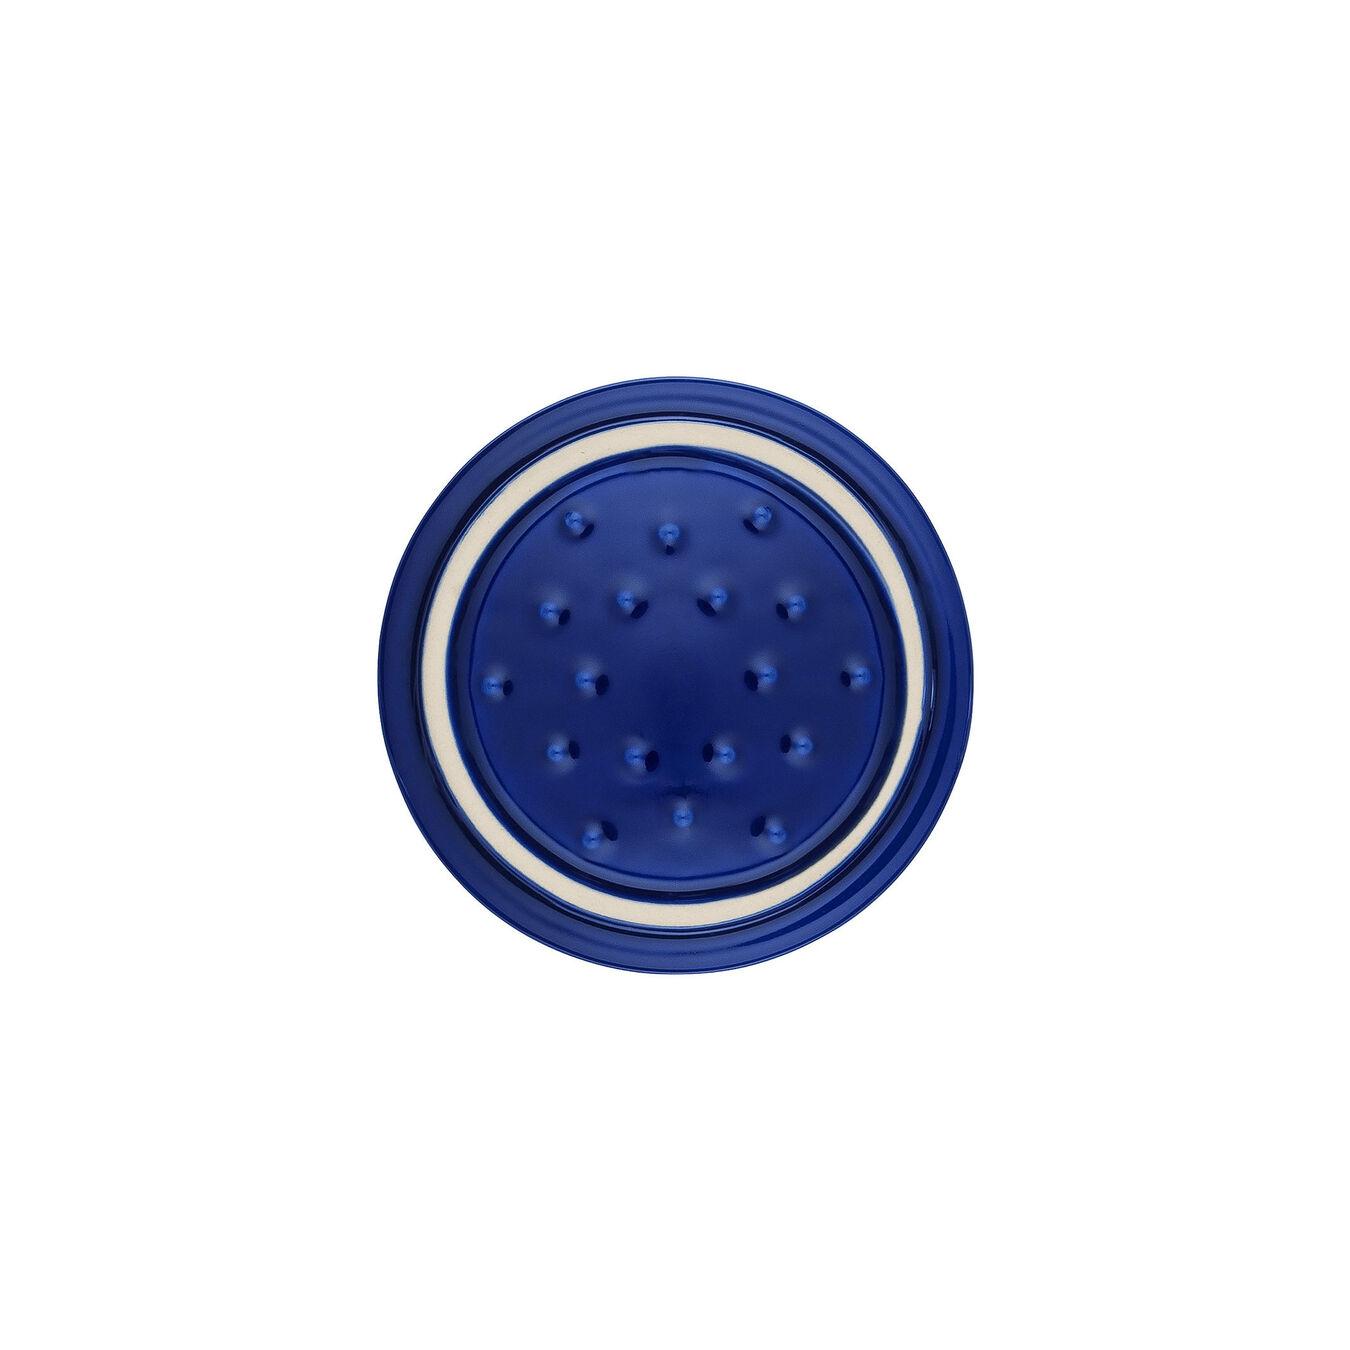 Mini Cocotte 10 cm, rund, Dunkelblau, Keramik,,large 2